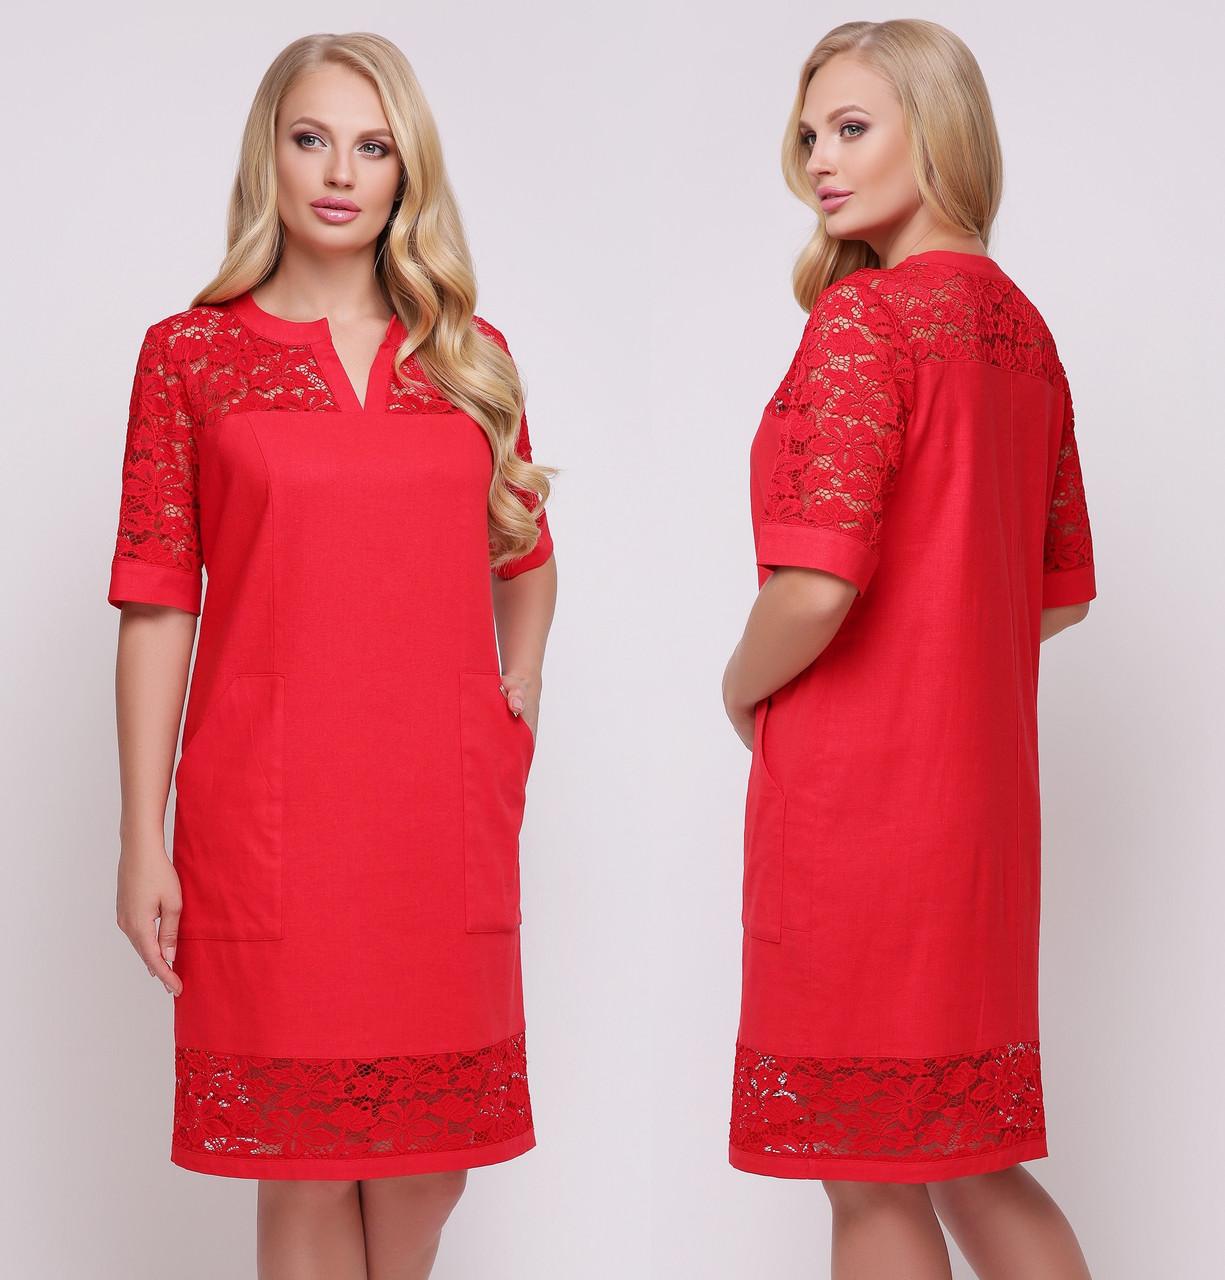 ddef0d622eb Купить Льняное платье больших размеров женское прямое летнее лен с ...